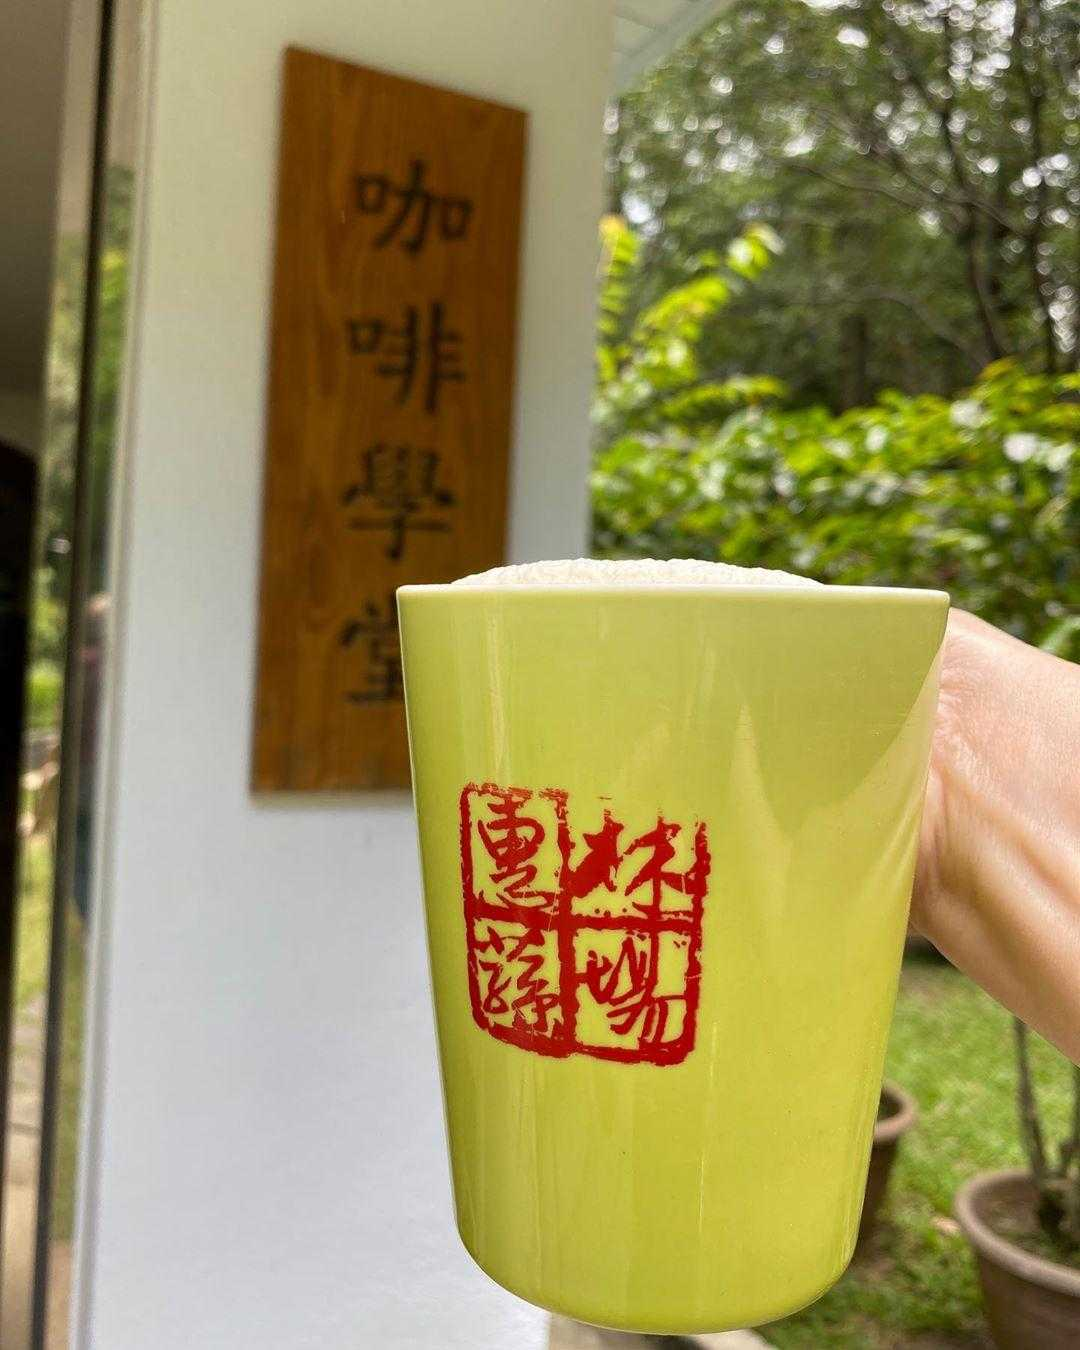 惠蓀實驗林場 |惠蓀林場咖啡